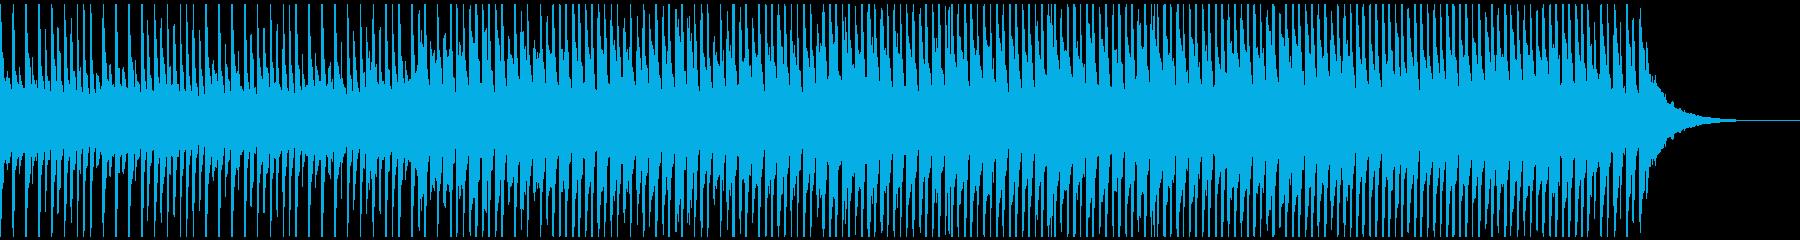 喜び(60秒)の再生済みの波形